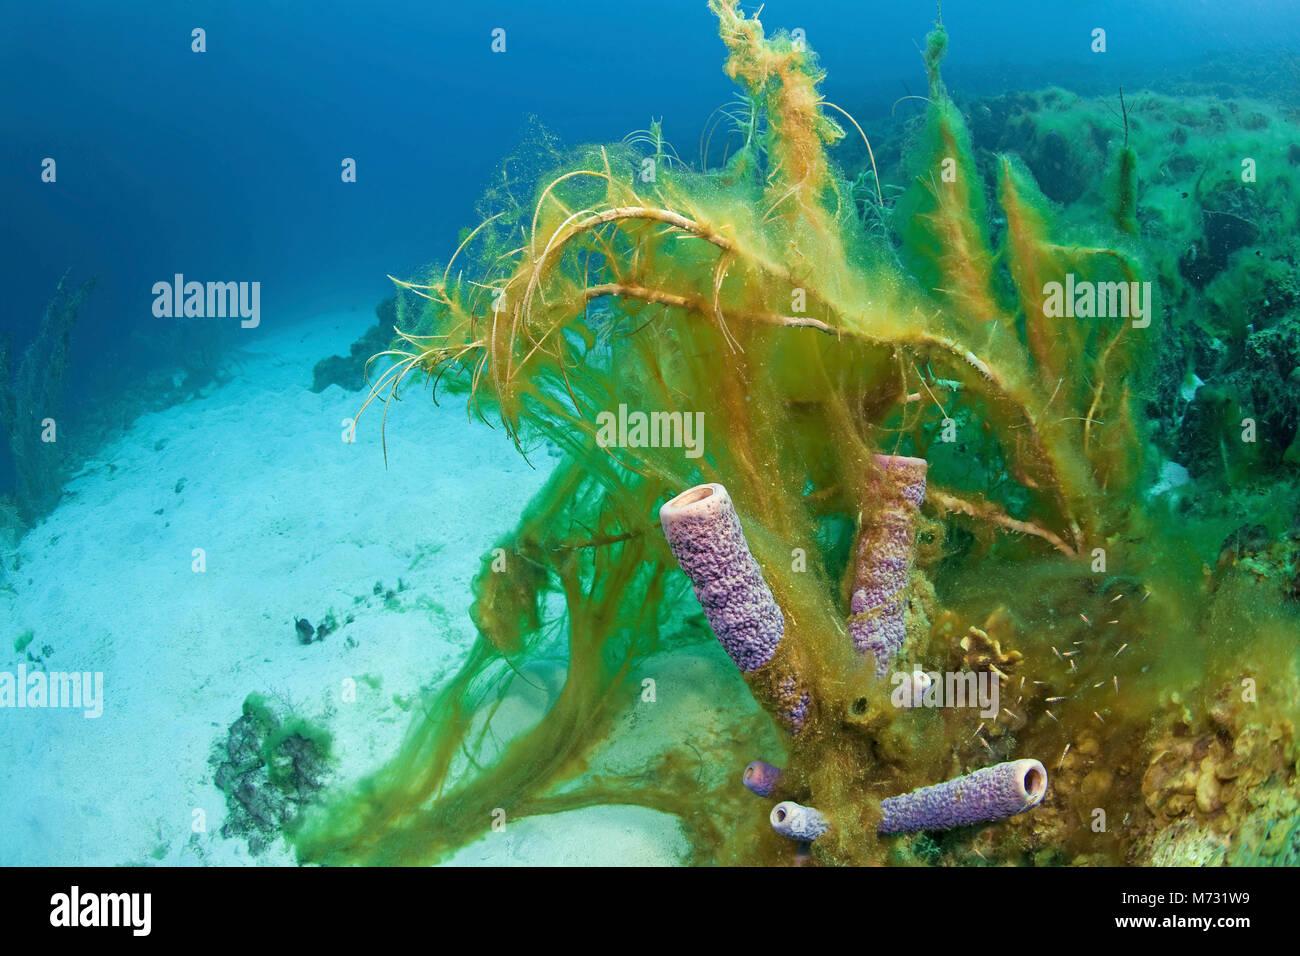 Un dépassement d'algues de corail mort, Curacao, Antilles, Caraïbes, mer des Caraïbes Photo Stock